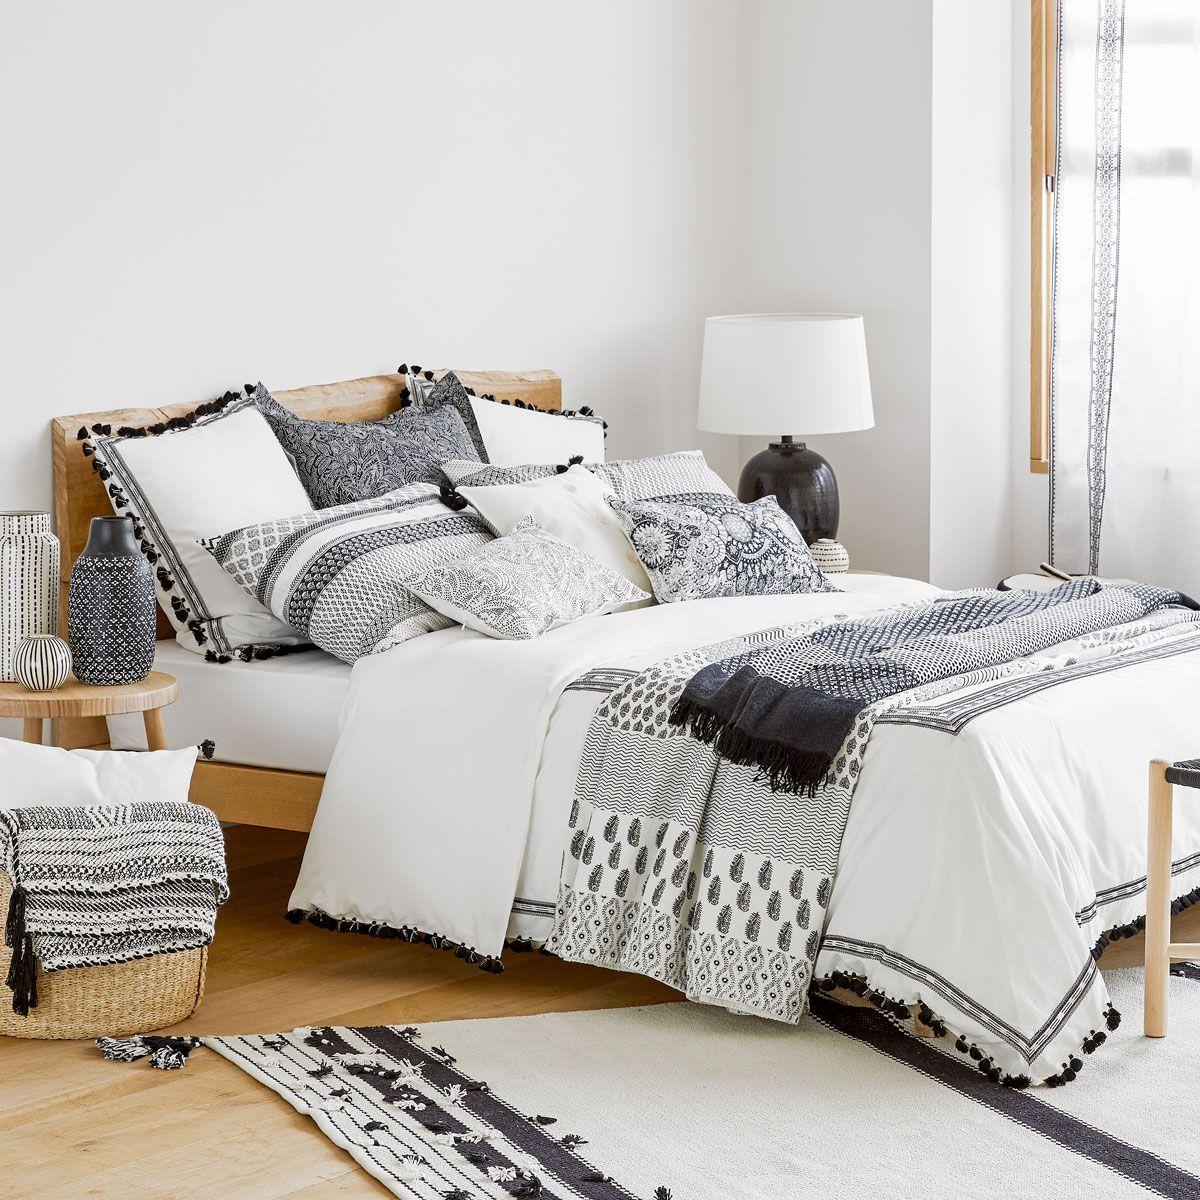 Bettwäsche Aus Baumwollperkal Mit Stickerei Und Bommeln Wohnung